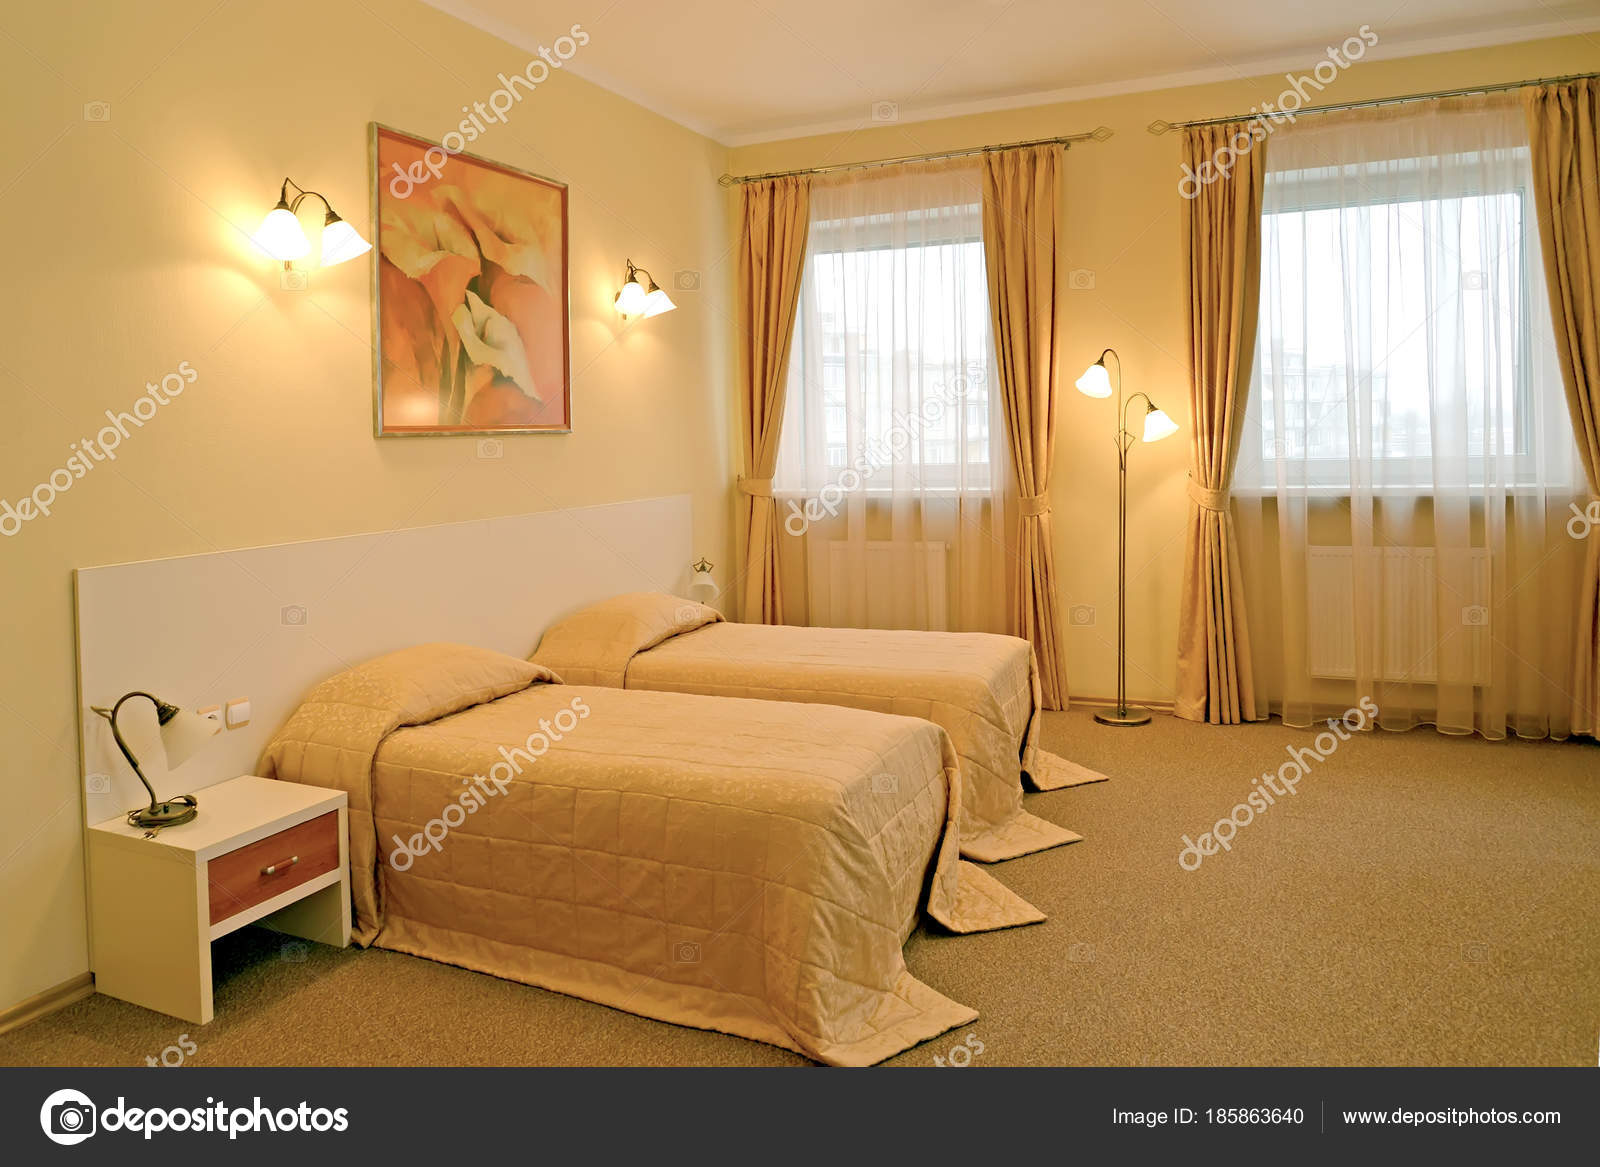 La classica camera da letto con due letti in colori caldi — Foto ...